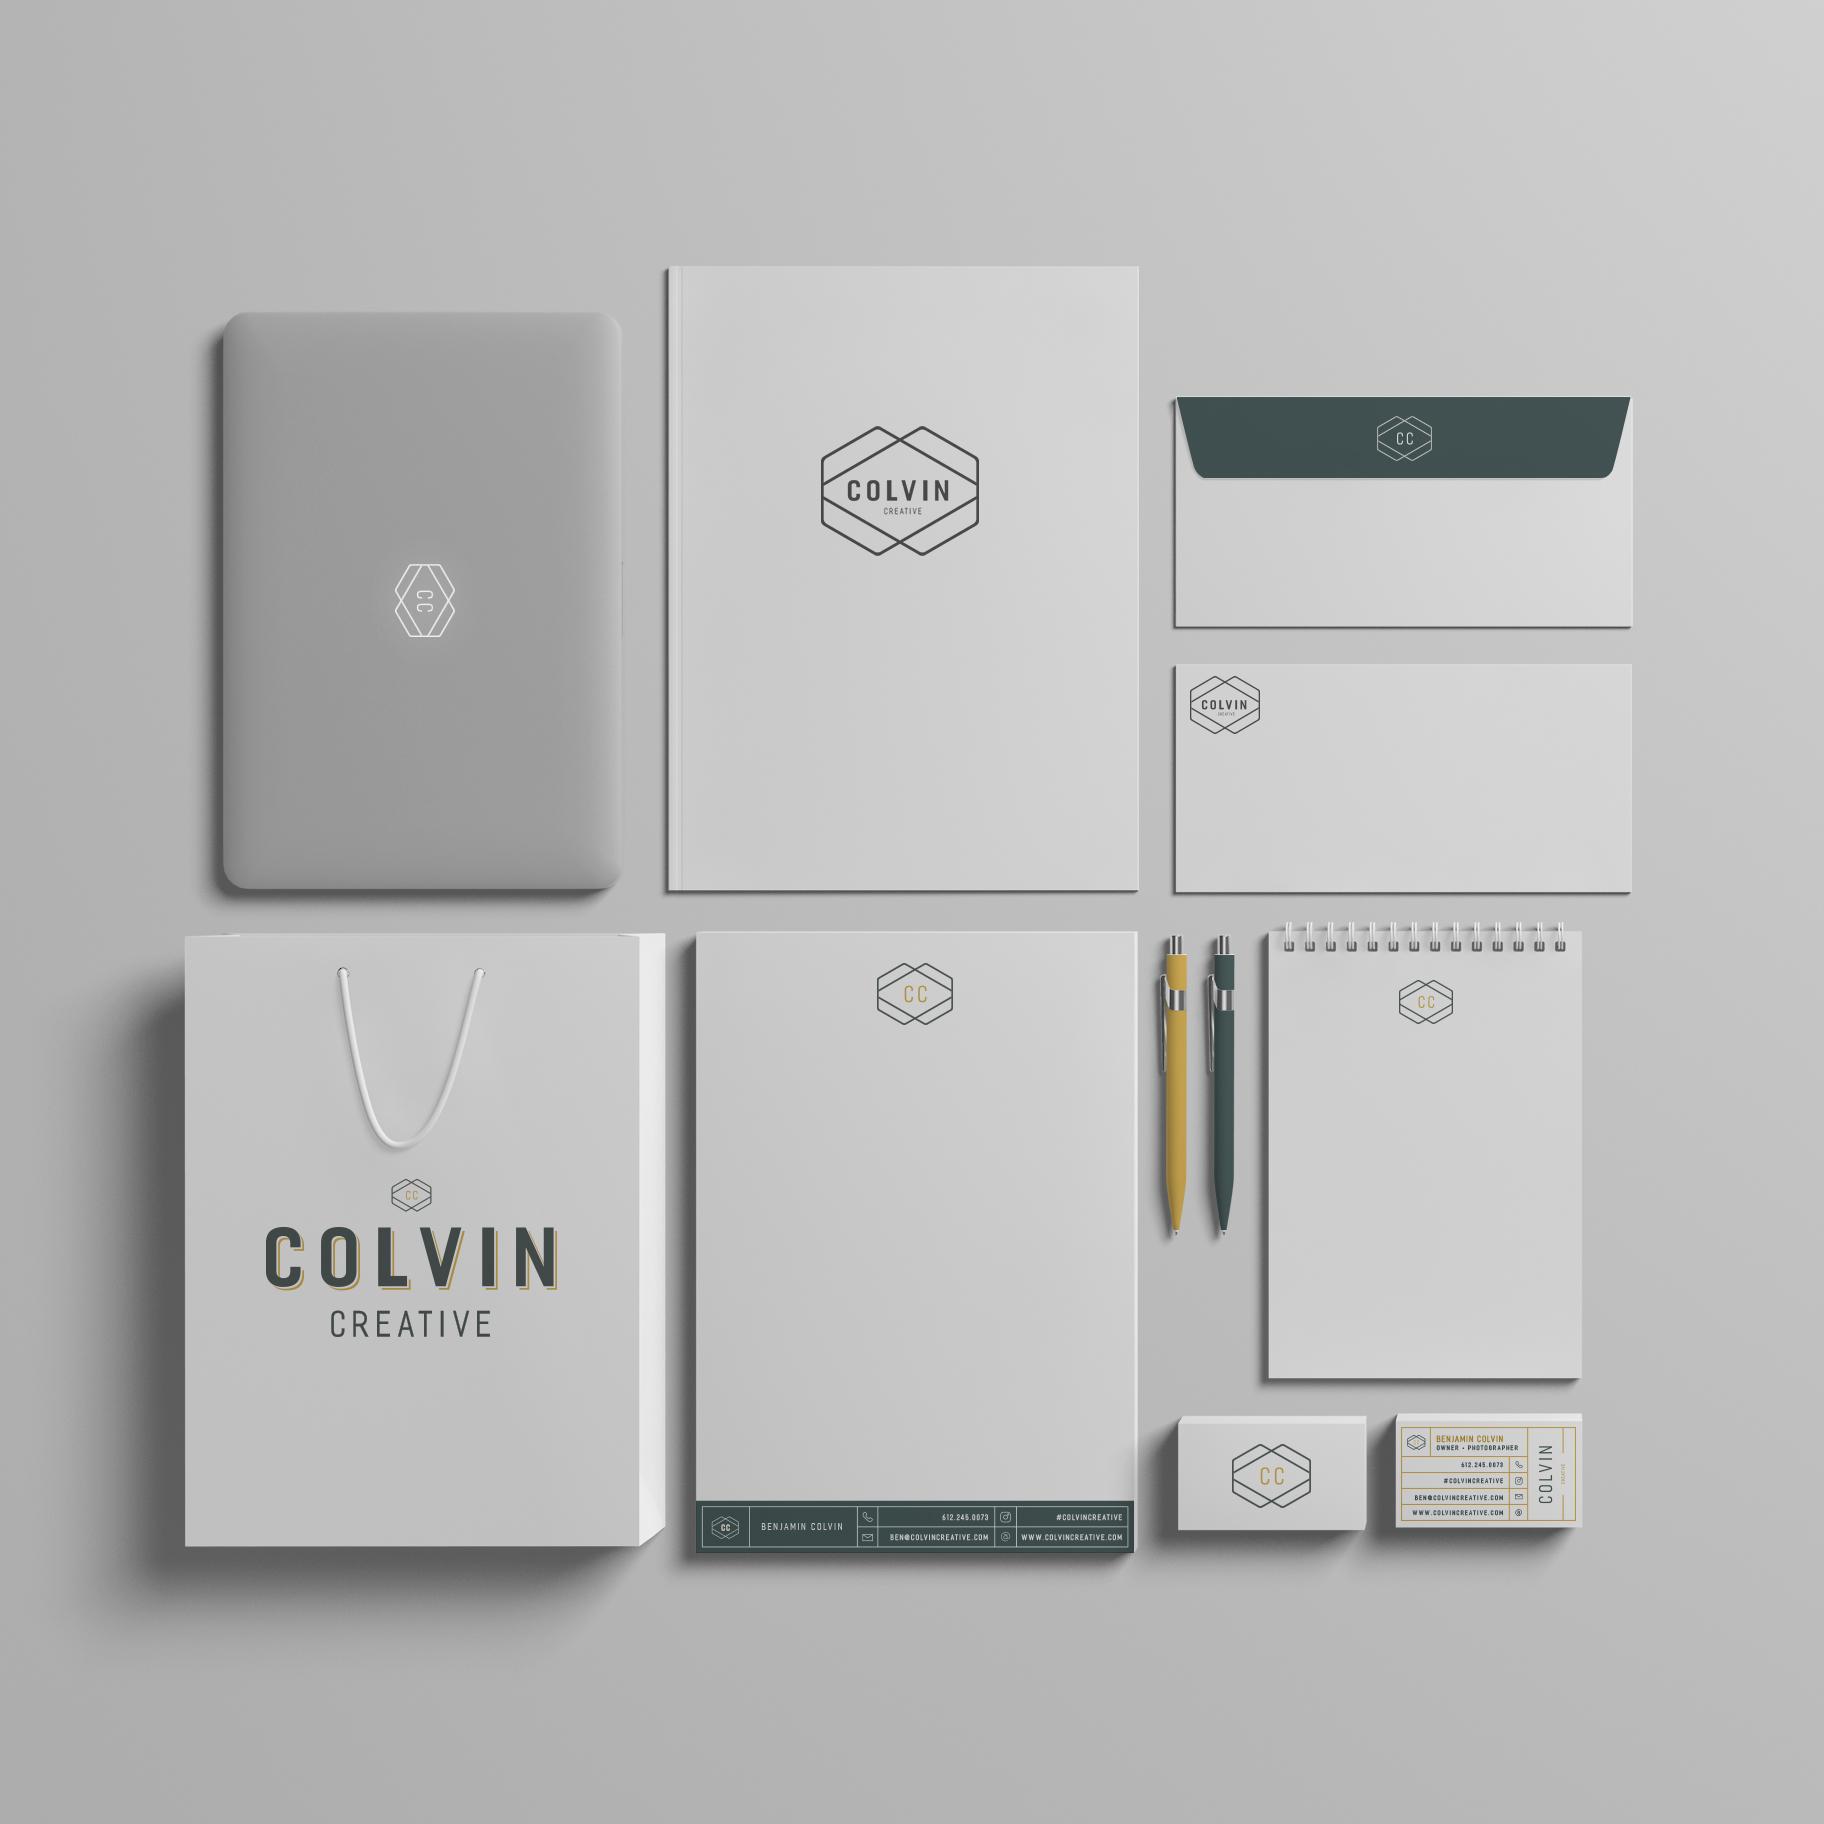 brandingNew1.jpg